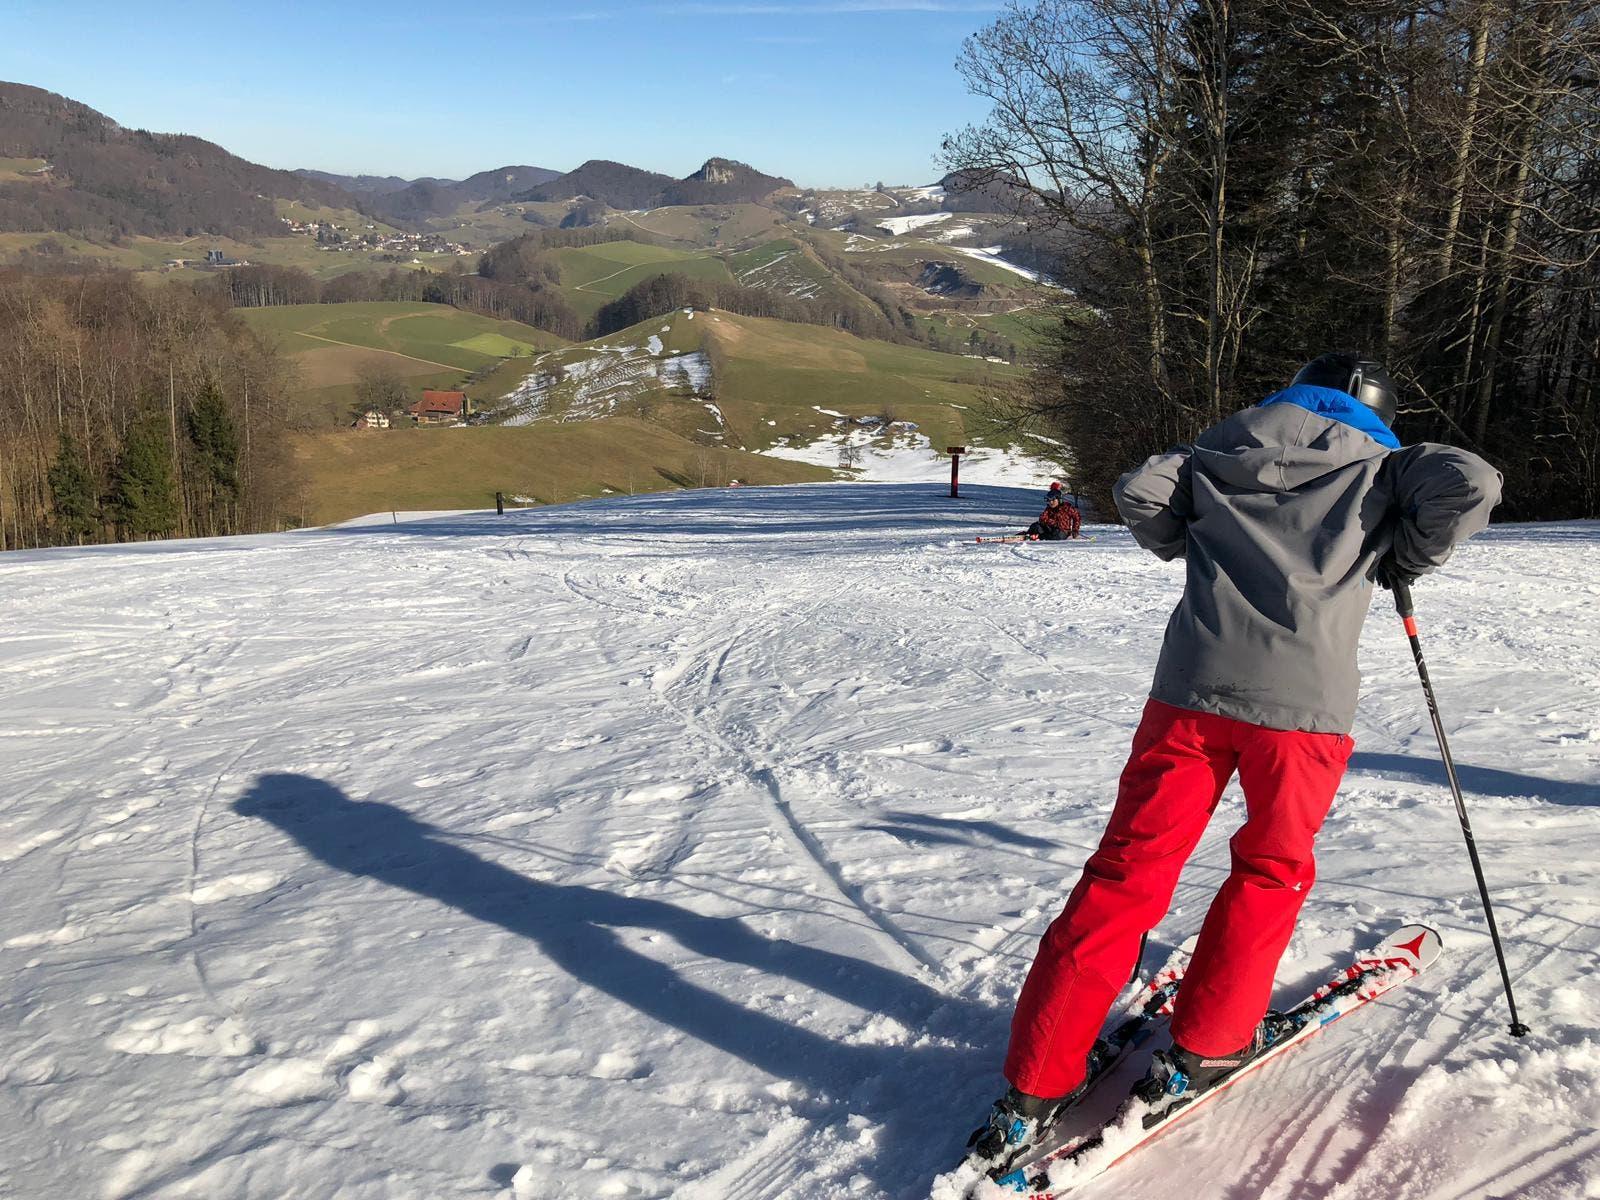 «Erfolgreiche Saison» Der Skilift Gsahl auf dem Hauenstein verbucht Mitte Februar 2019 eine «erfolgreiche Saison», wie Vereinspräsident Martin Rubitschung sagt.